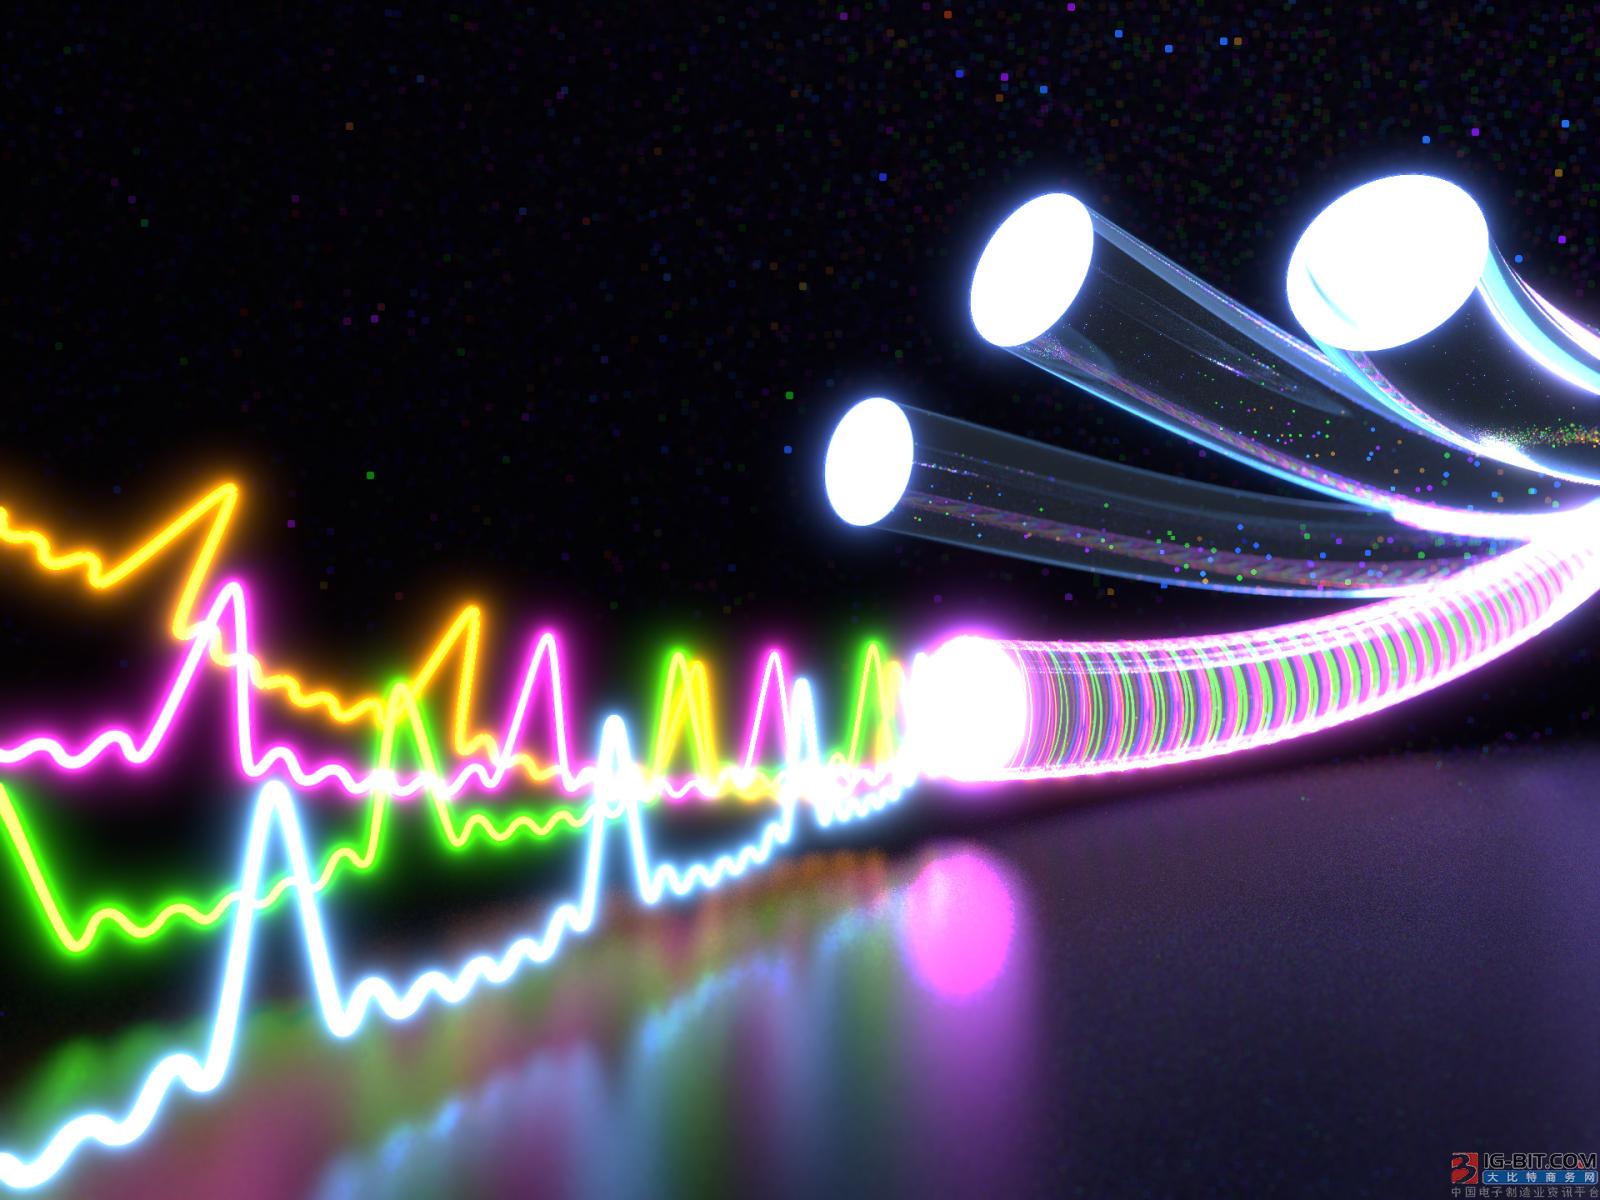 2017-2022全球光纤光缆年复合增率将达12.6%